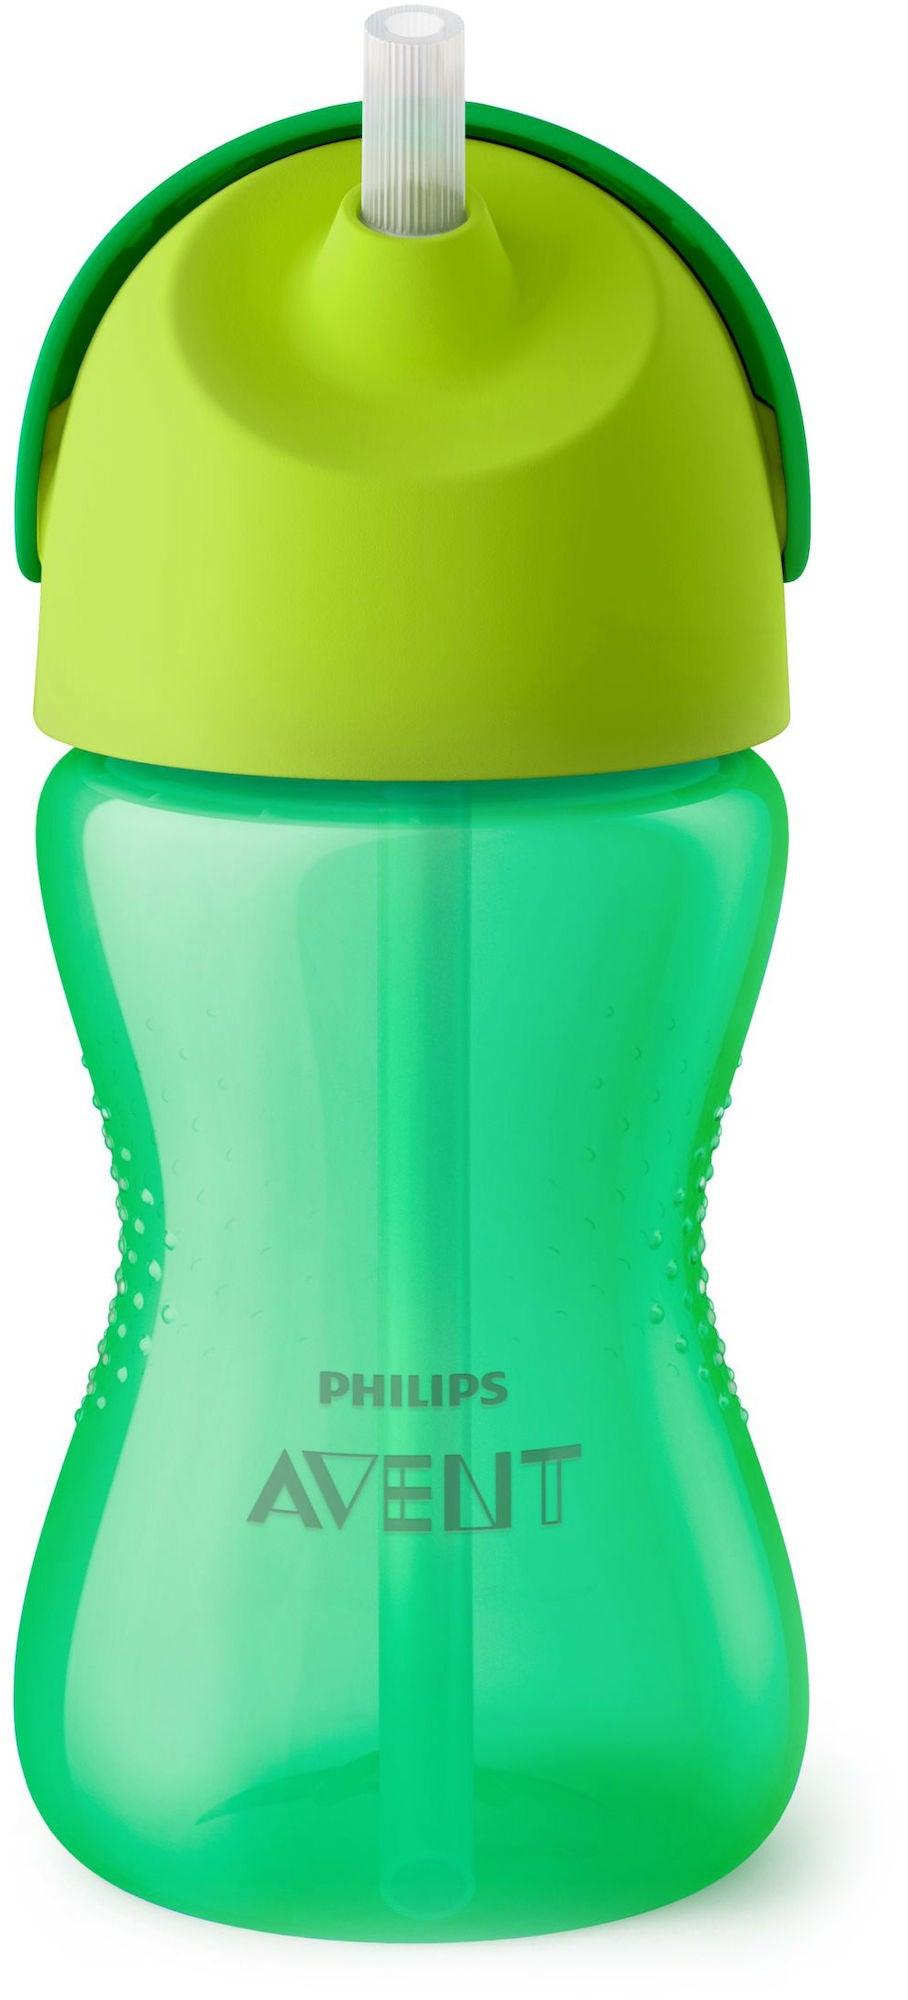 Philips Avent Pillimuki 300ml, Vihreä